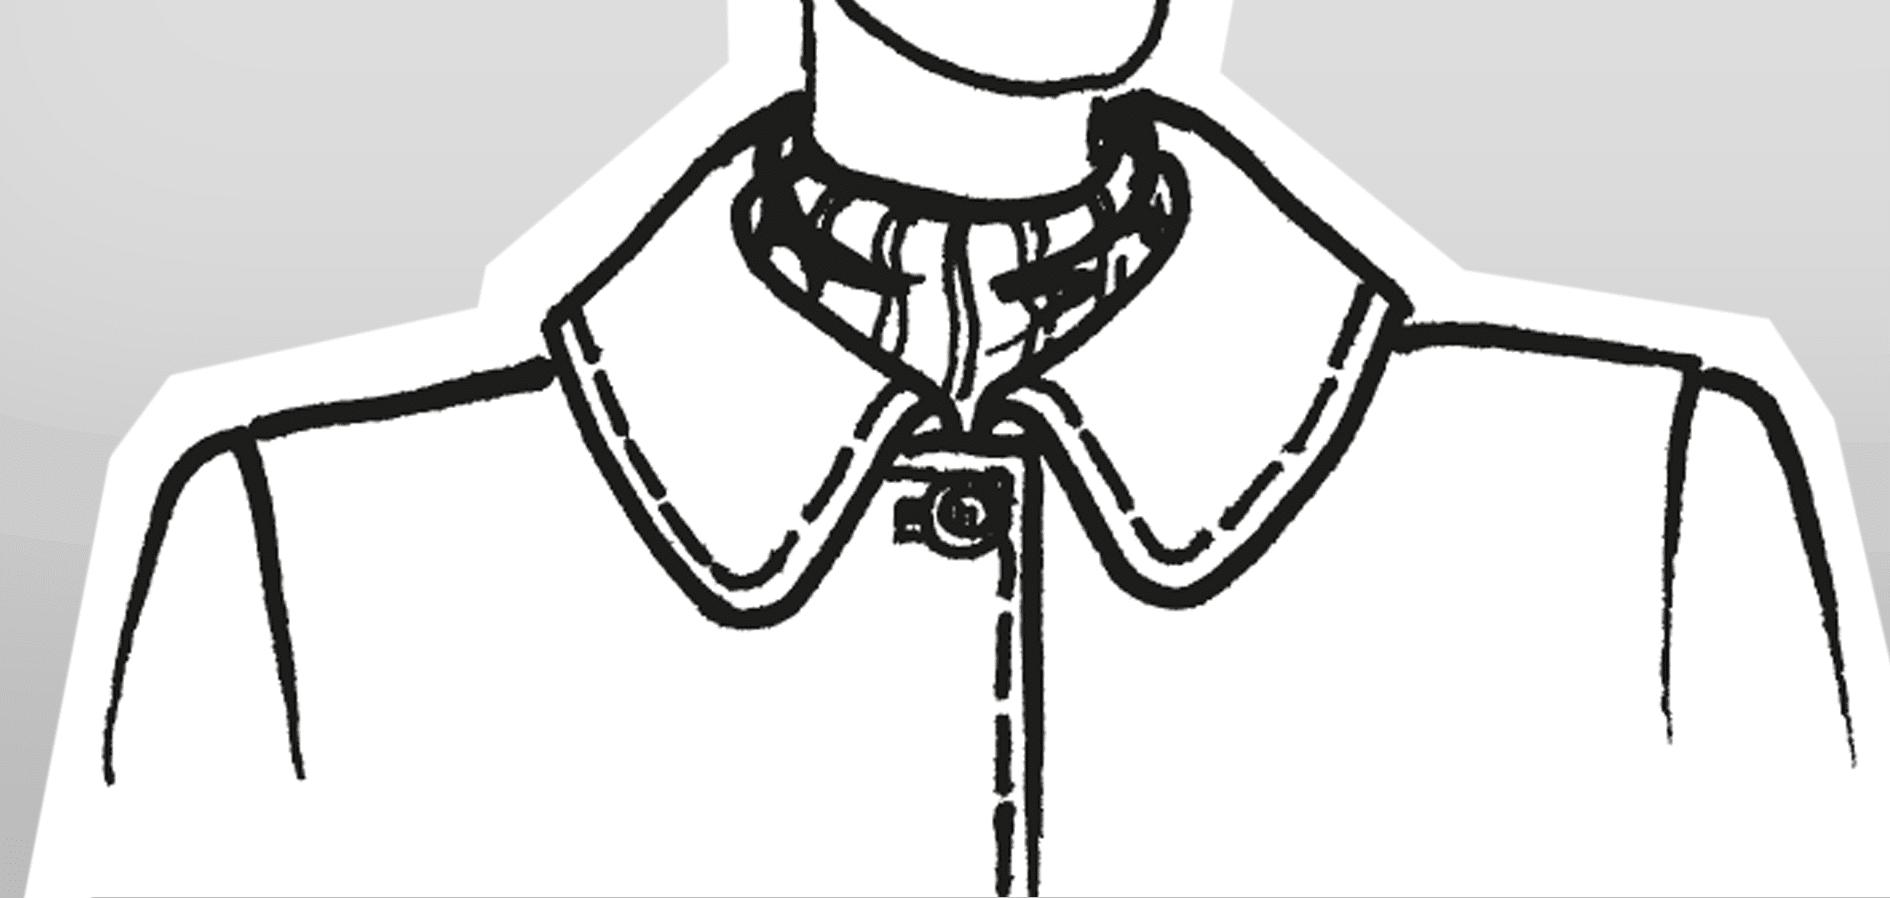 Zu sehen ist die technische Zeichnung eines Liegenkragens mit runden Ecken.